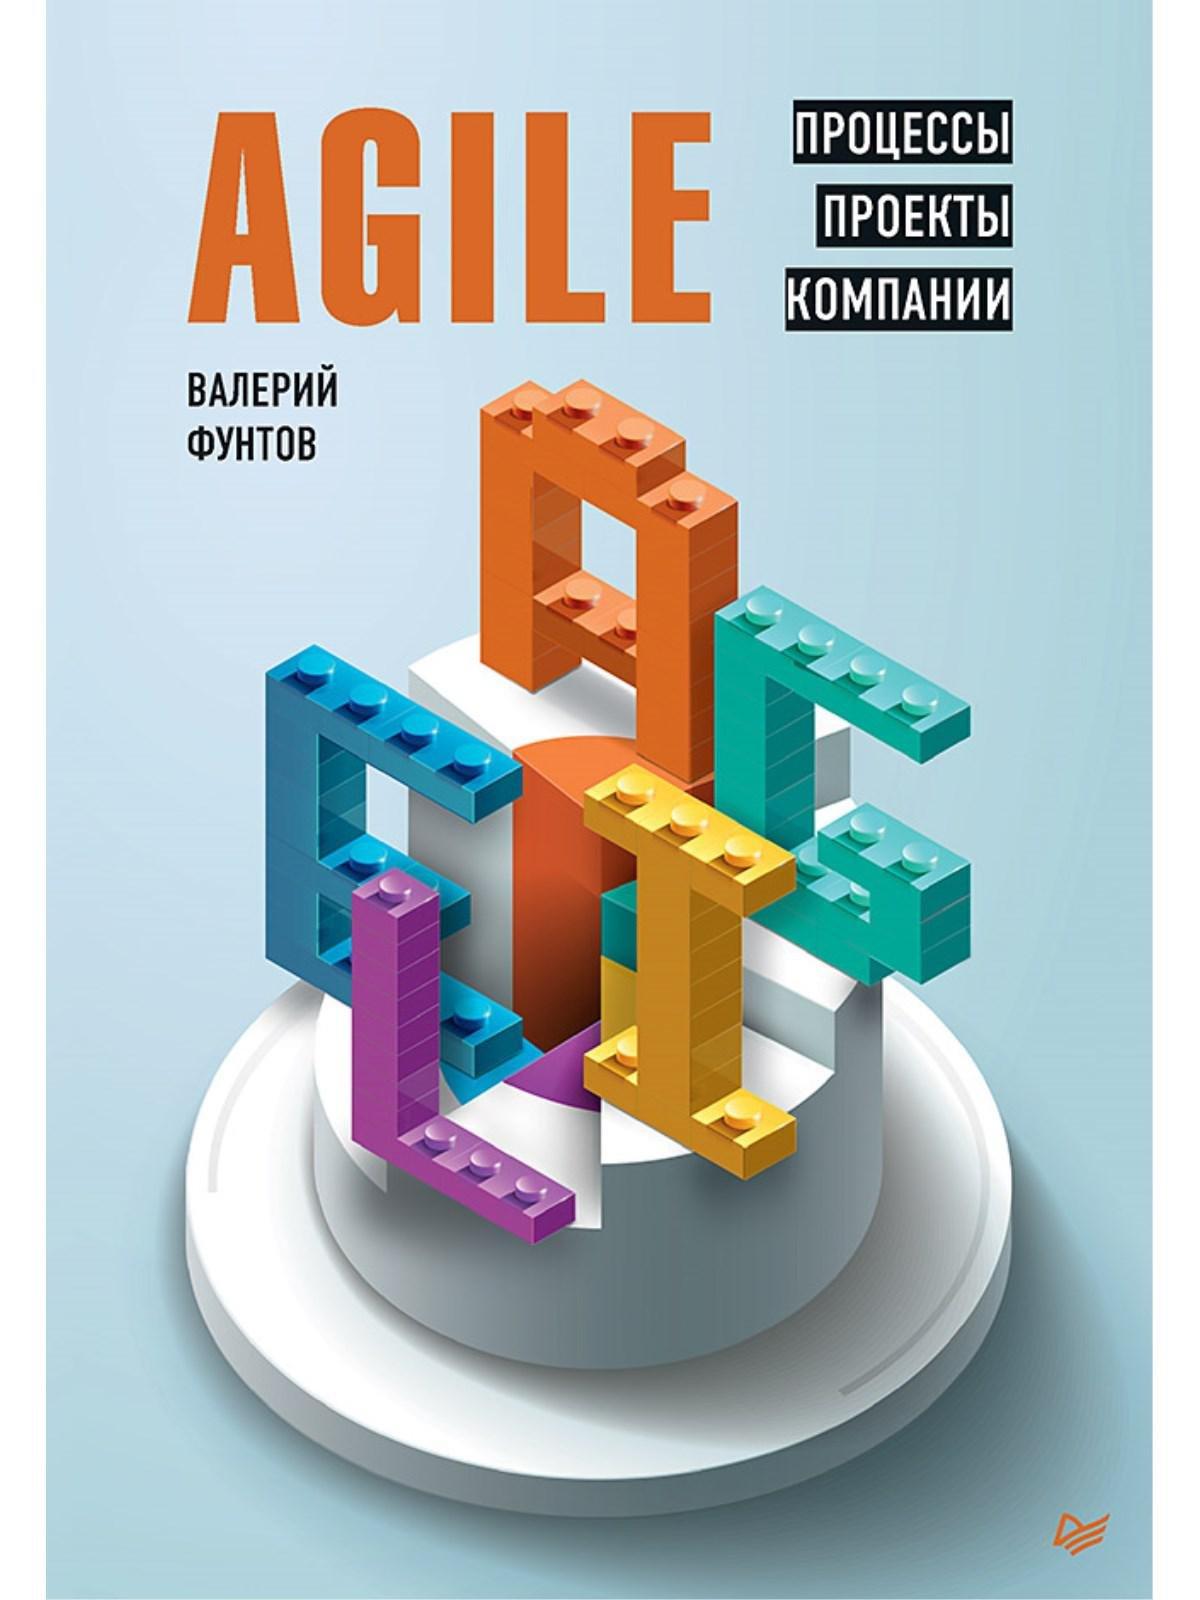 Фунтов В Н Agile. Процессы, проекты, компании